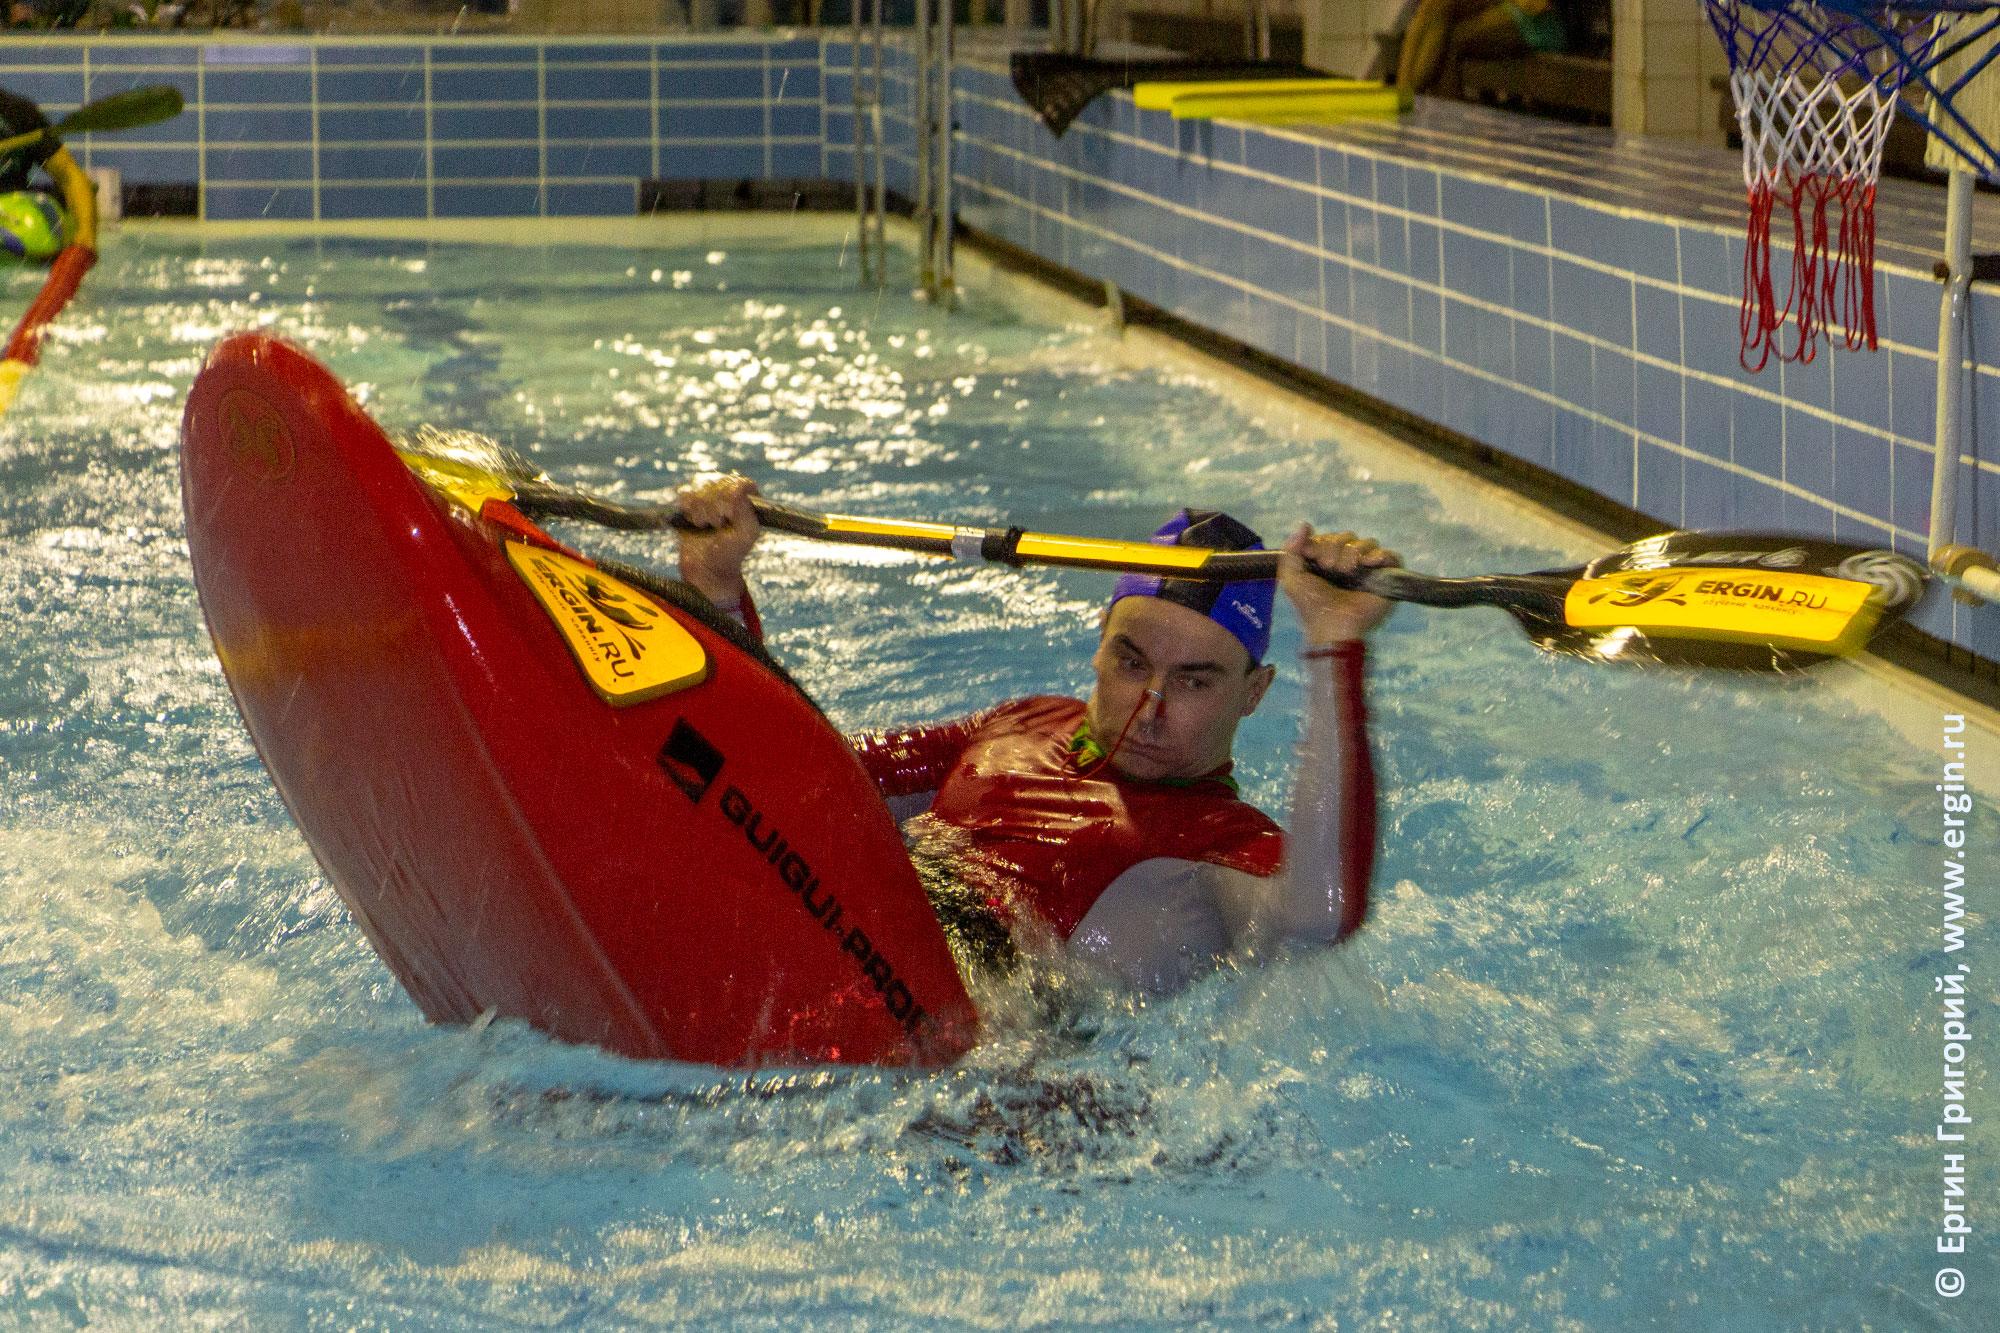 Фристайл-каякинг в бассейне в Санкт-Петербурге